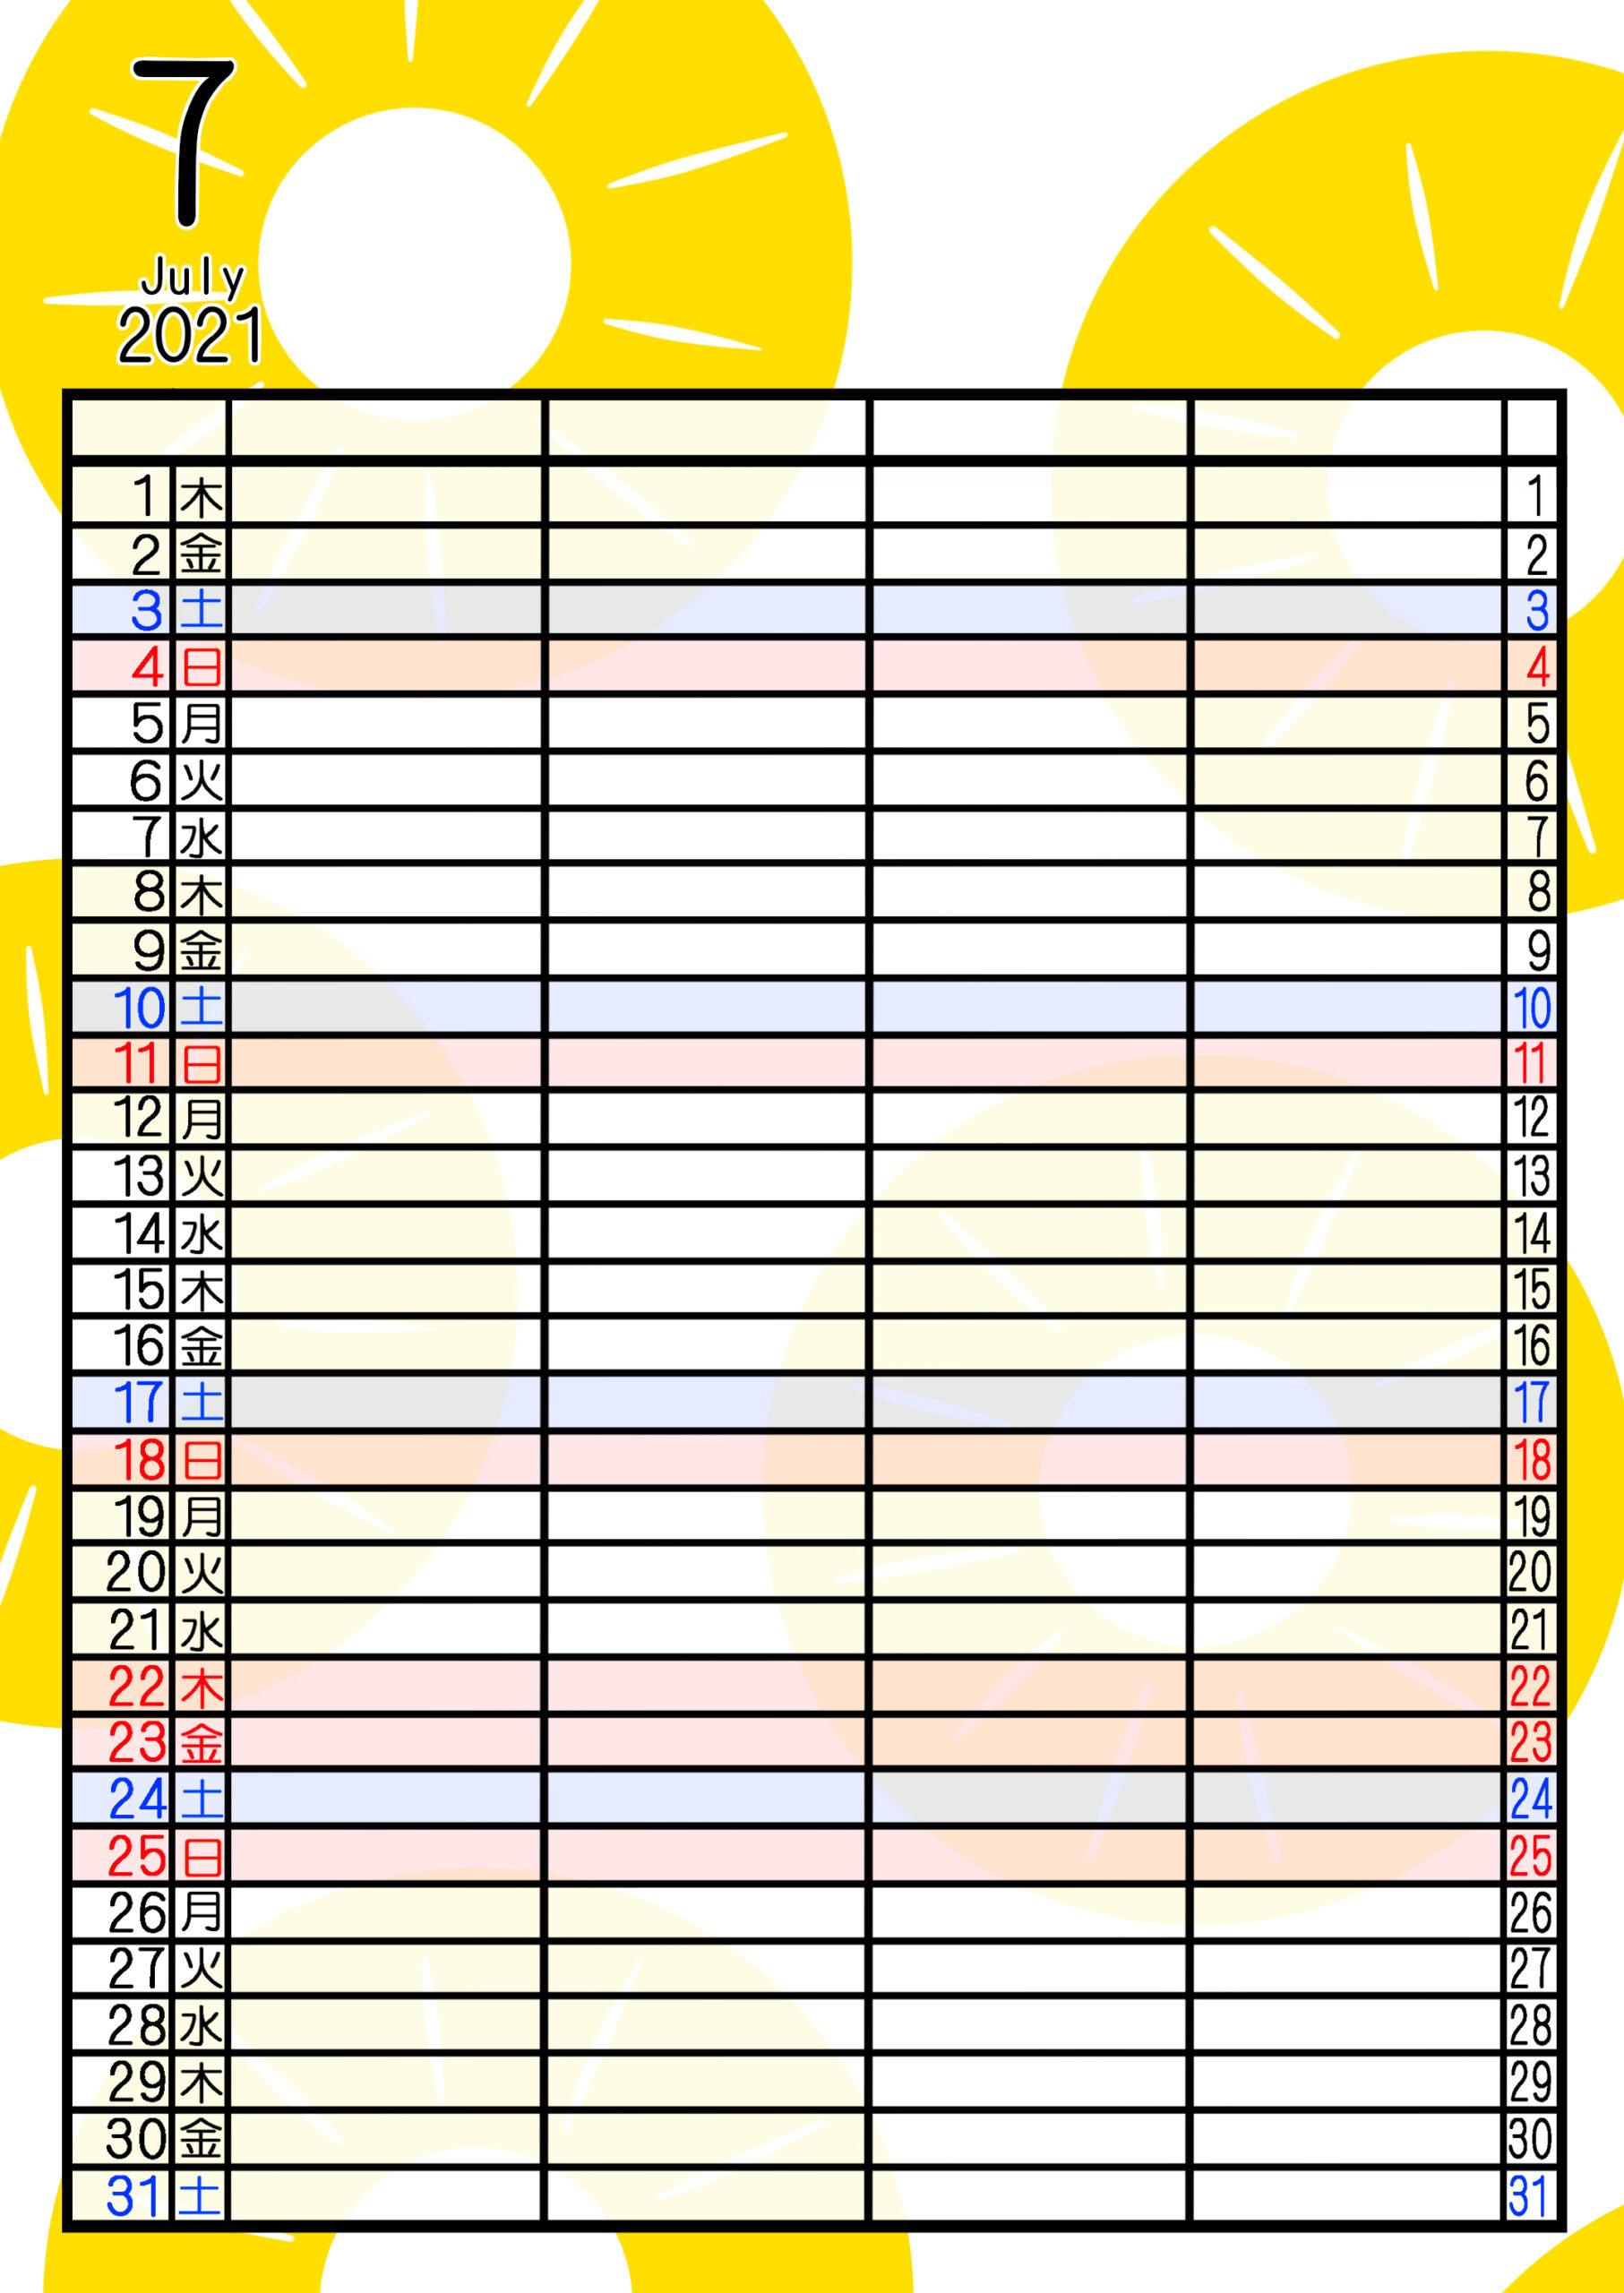 2021年家族カレンダー 無料ダウンロード 果物 フルーツ 4人用 令和3年7月パイナップル